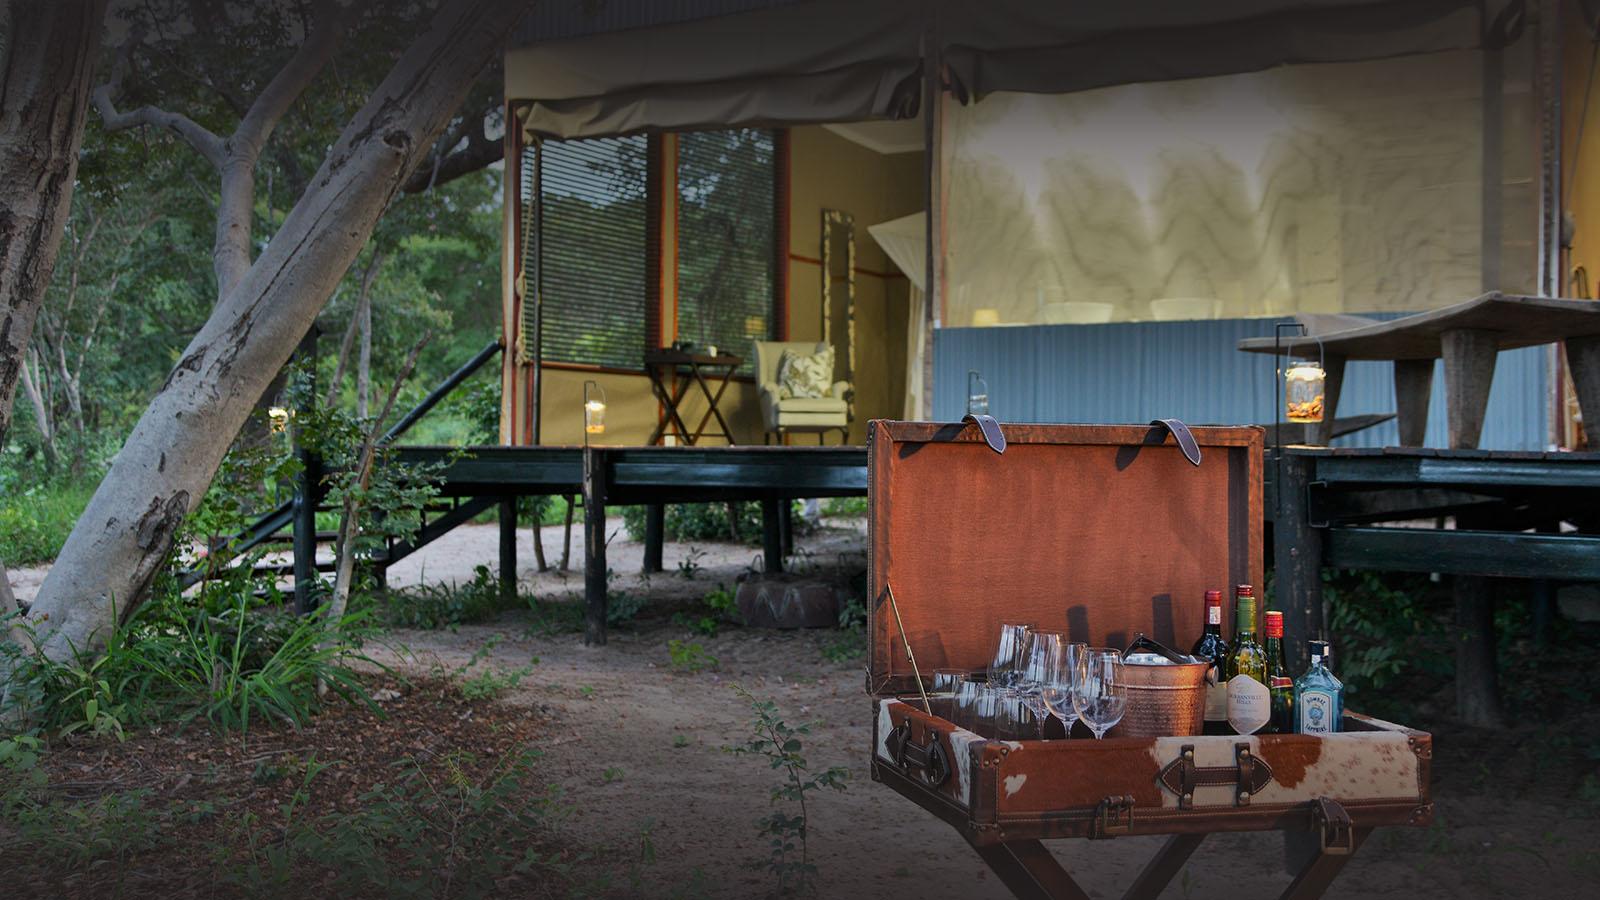 khulus retreat hwange-national-park-zimbabwe-lodges-villa-drinks-outdoors